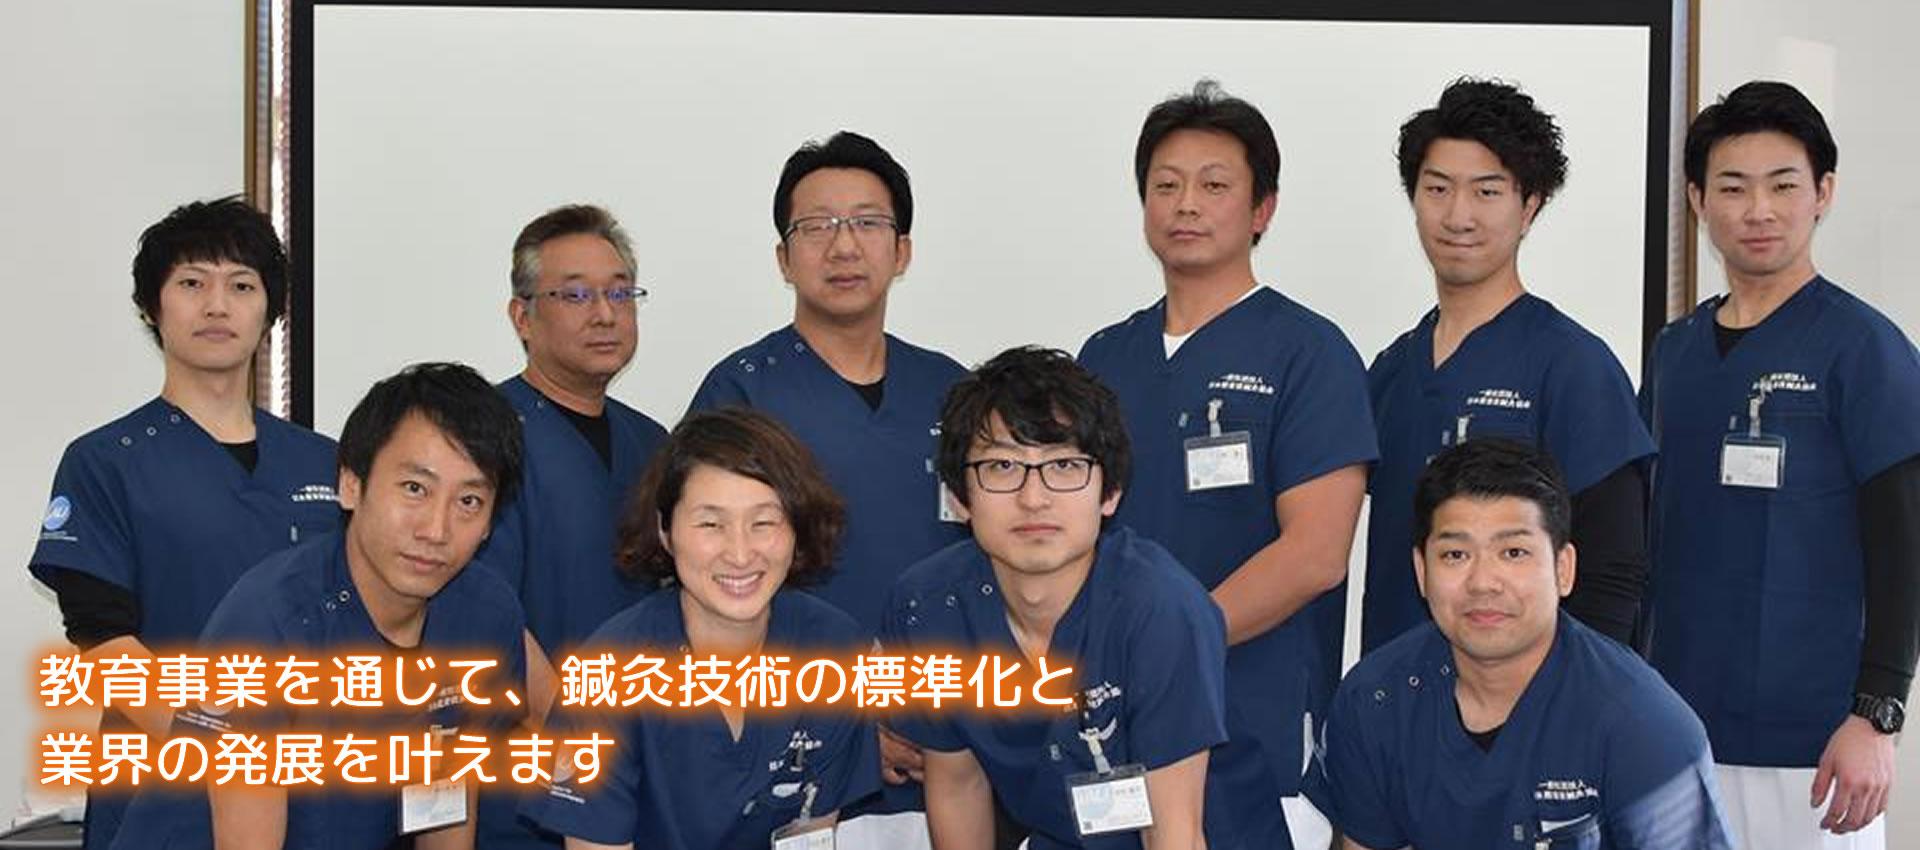 教育事業を通じて、鍼灸技術の標準化と 業界の発展を叶えます